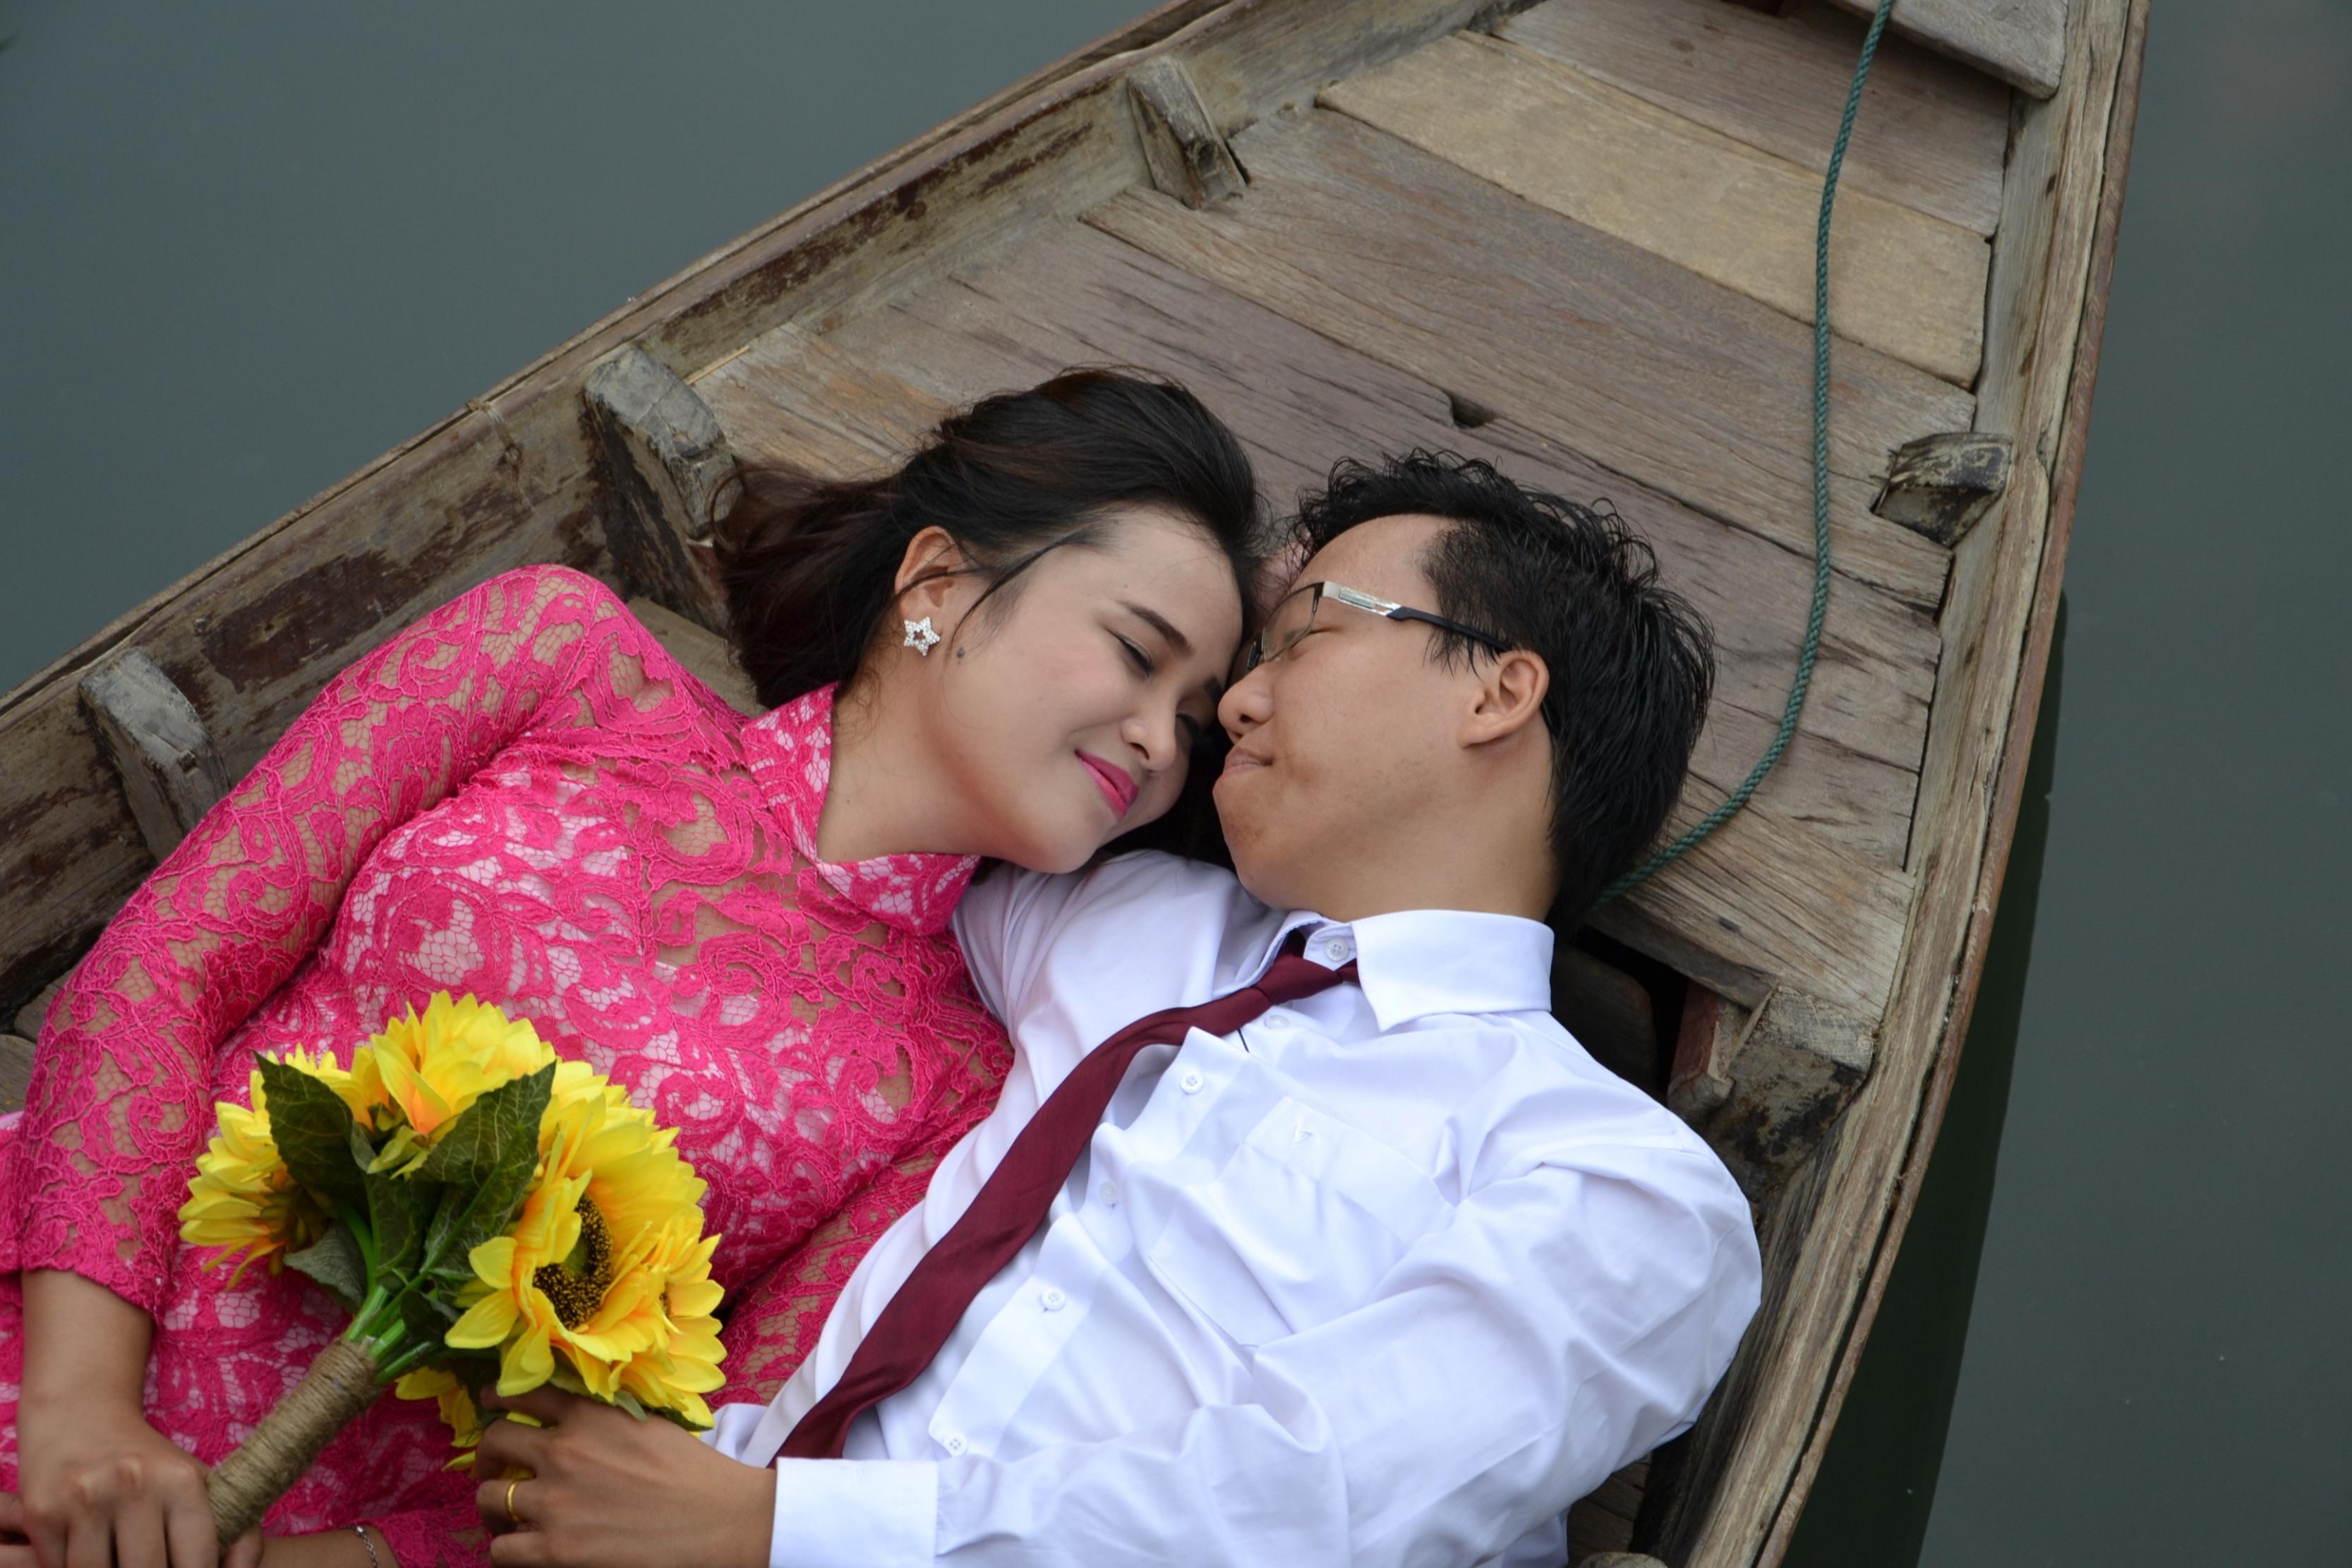 بالصور لحظات حب ساخنة , اجمل الصور الرومانسية بين المحبين